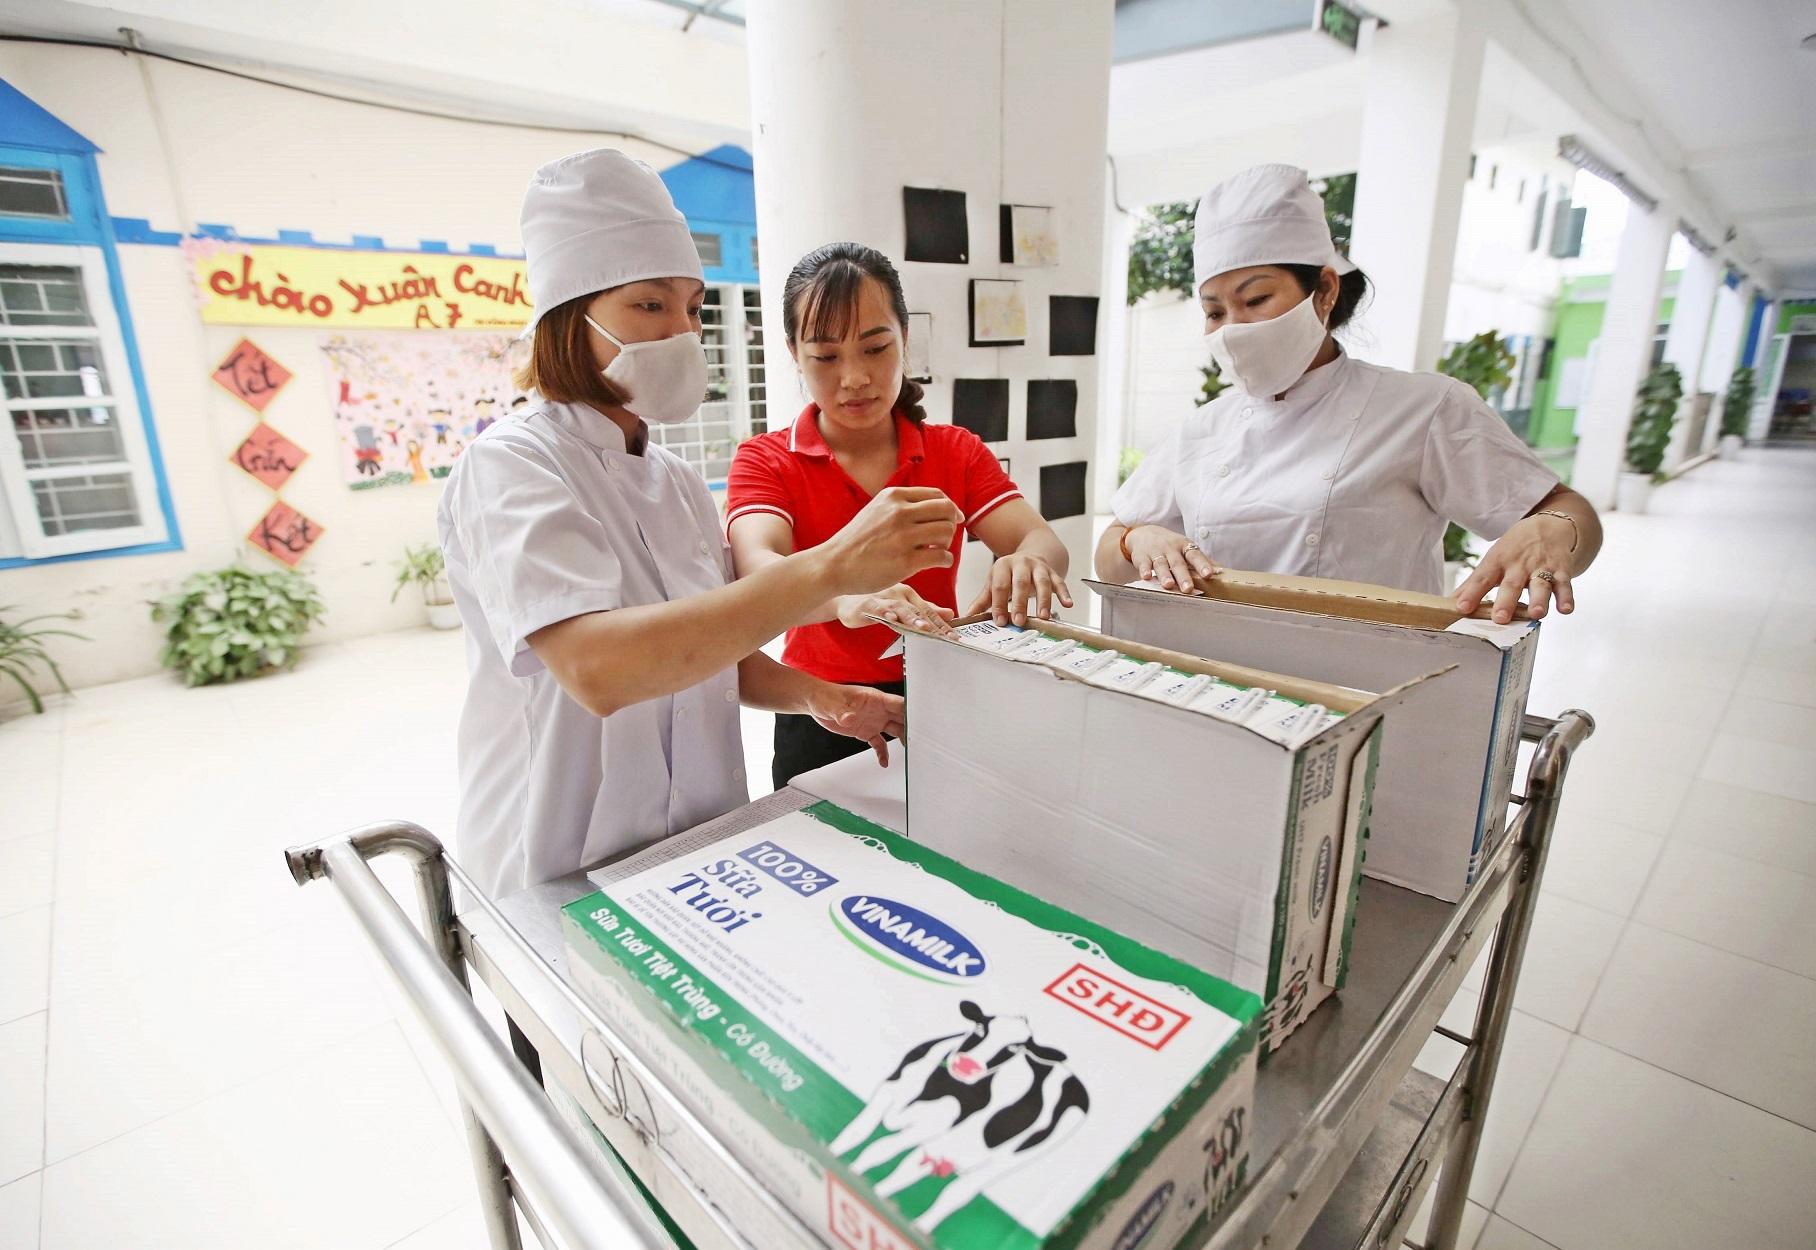 Công tác vận chuyển và cấp phát sữa cho trẻ em được tiến hành cẩn trọng, tuân thủ các qui định phòng chống dịch nhằm đảm bảo an toàn, sức khỏe cho các em học sinh